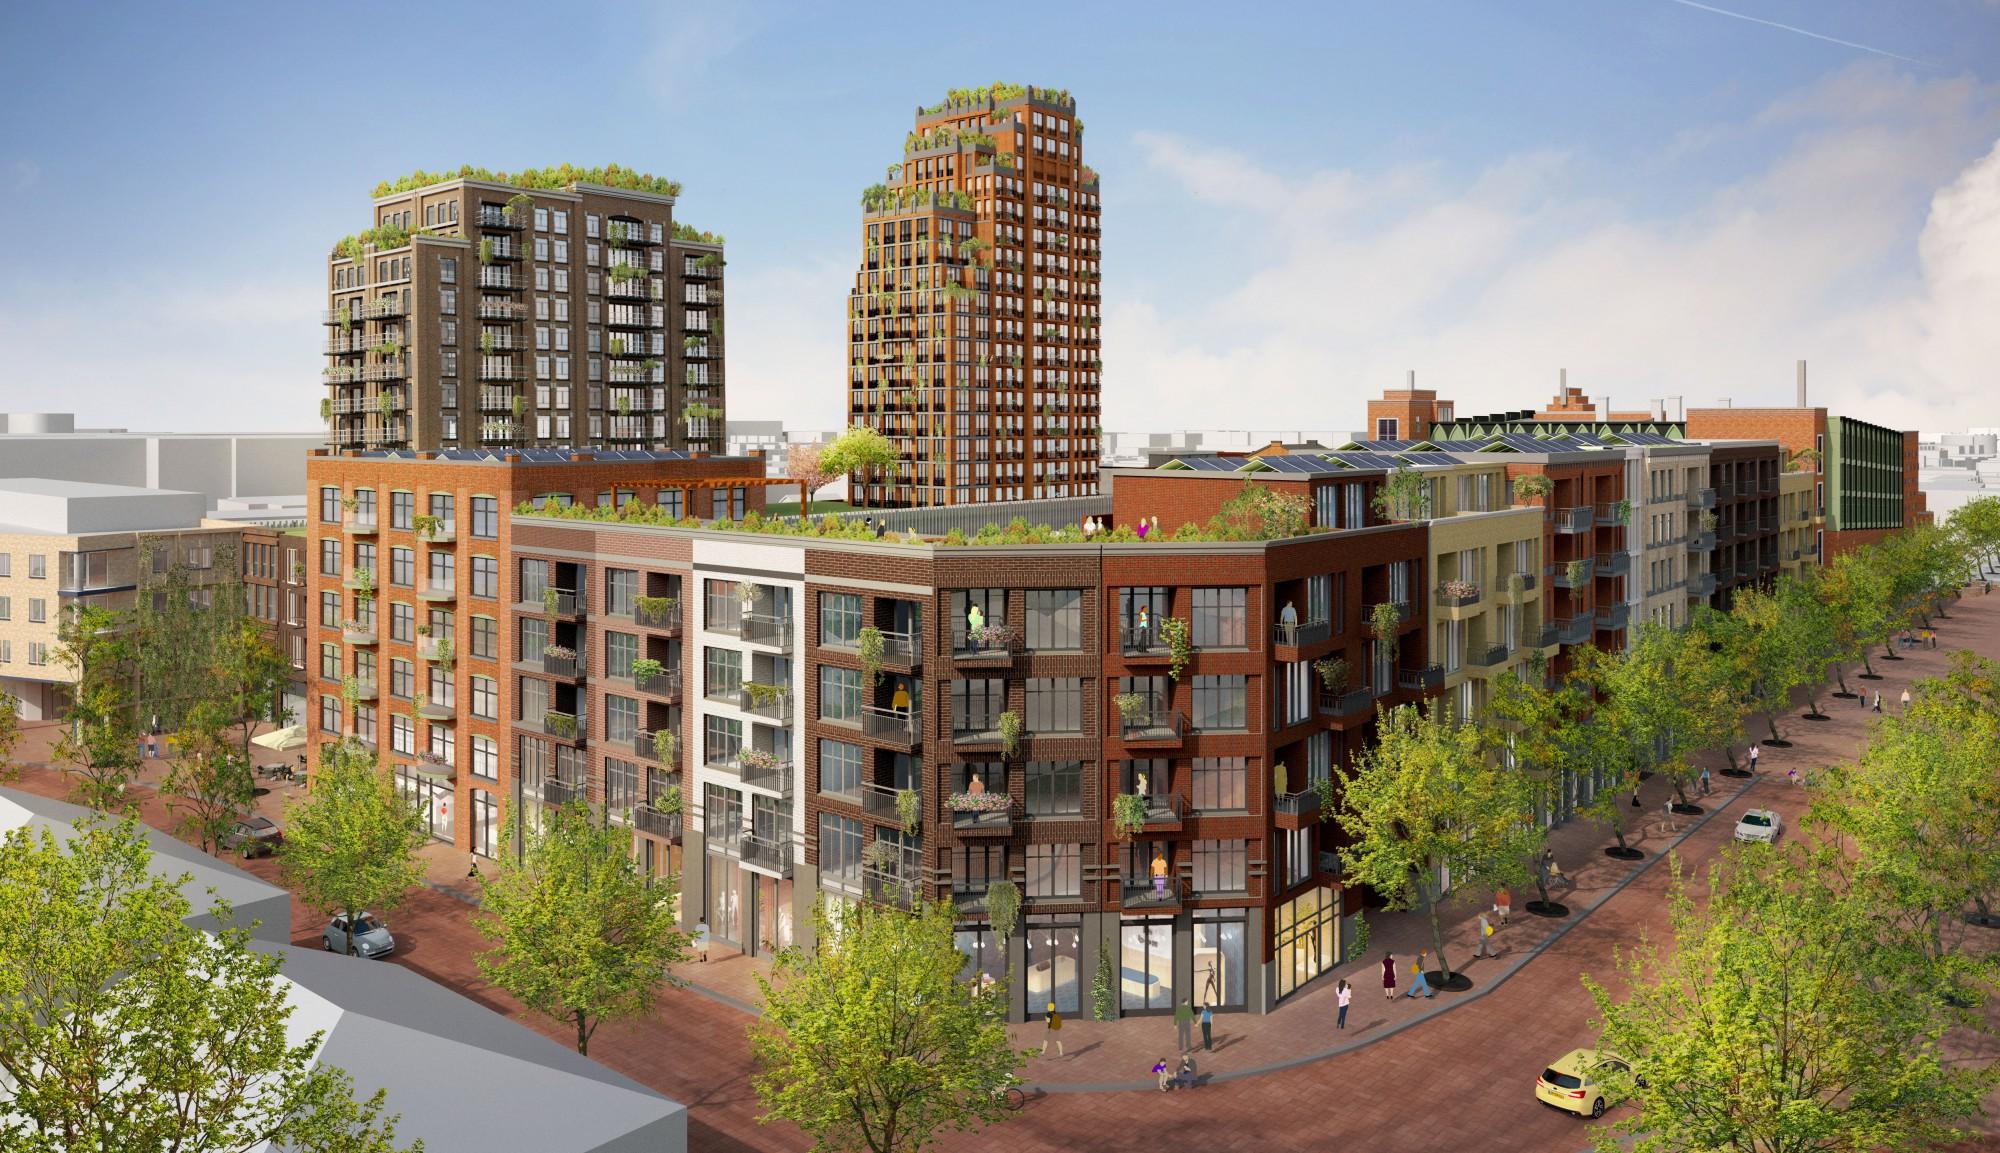 Vernieuwing Winkelcentrum Aarhof in Alphen aan den Rijn dichterbij